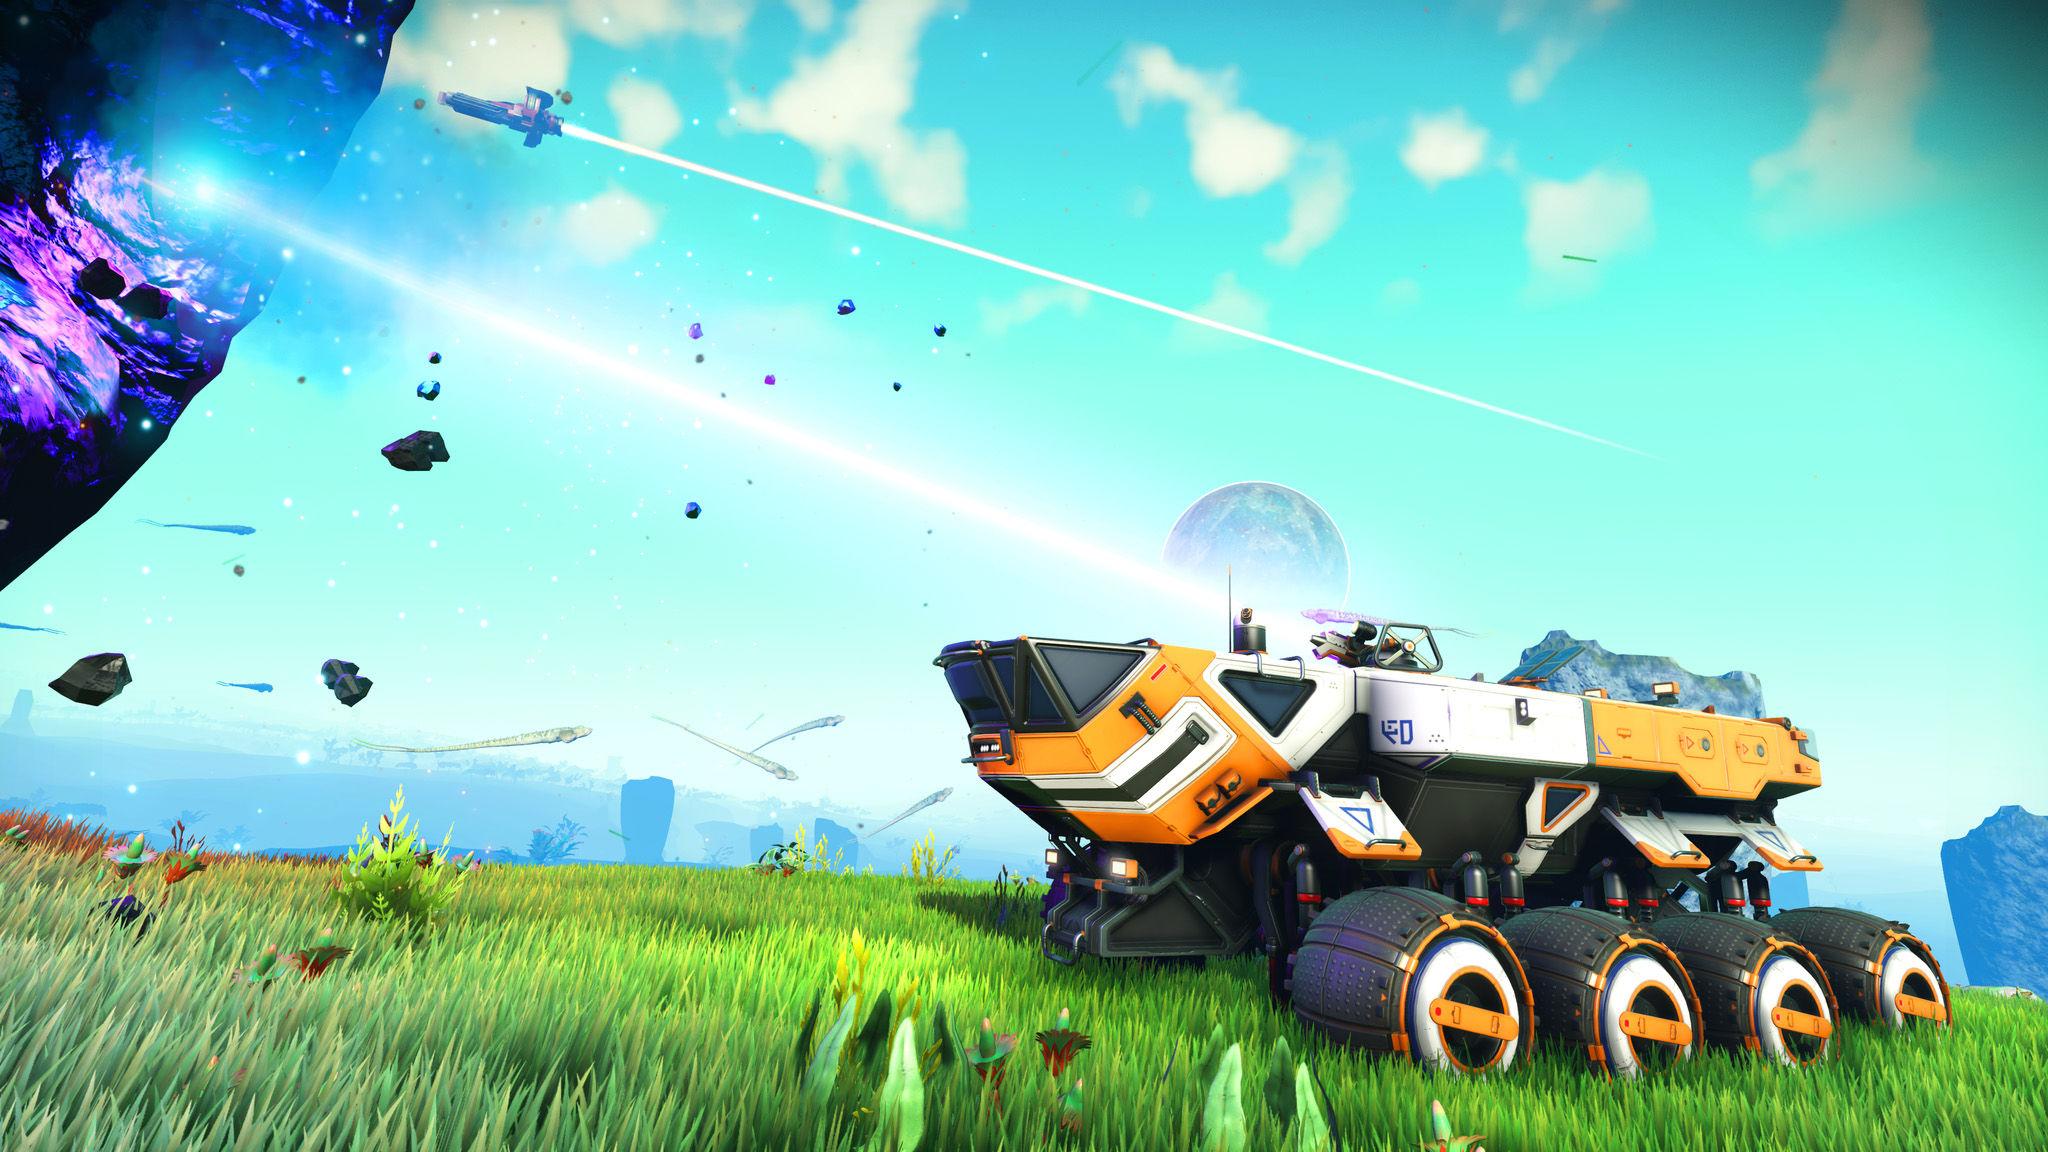 No Man's Sky'ın Xbox One versiyonu resmi olarak duyuruldu